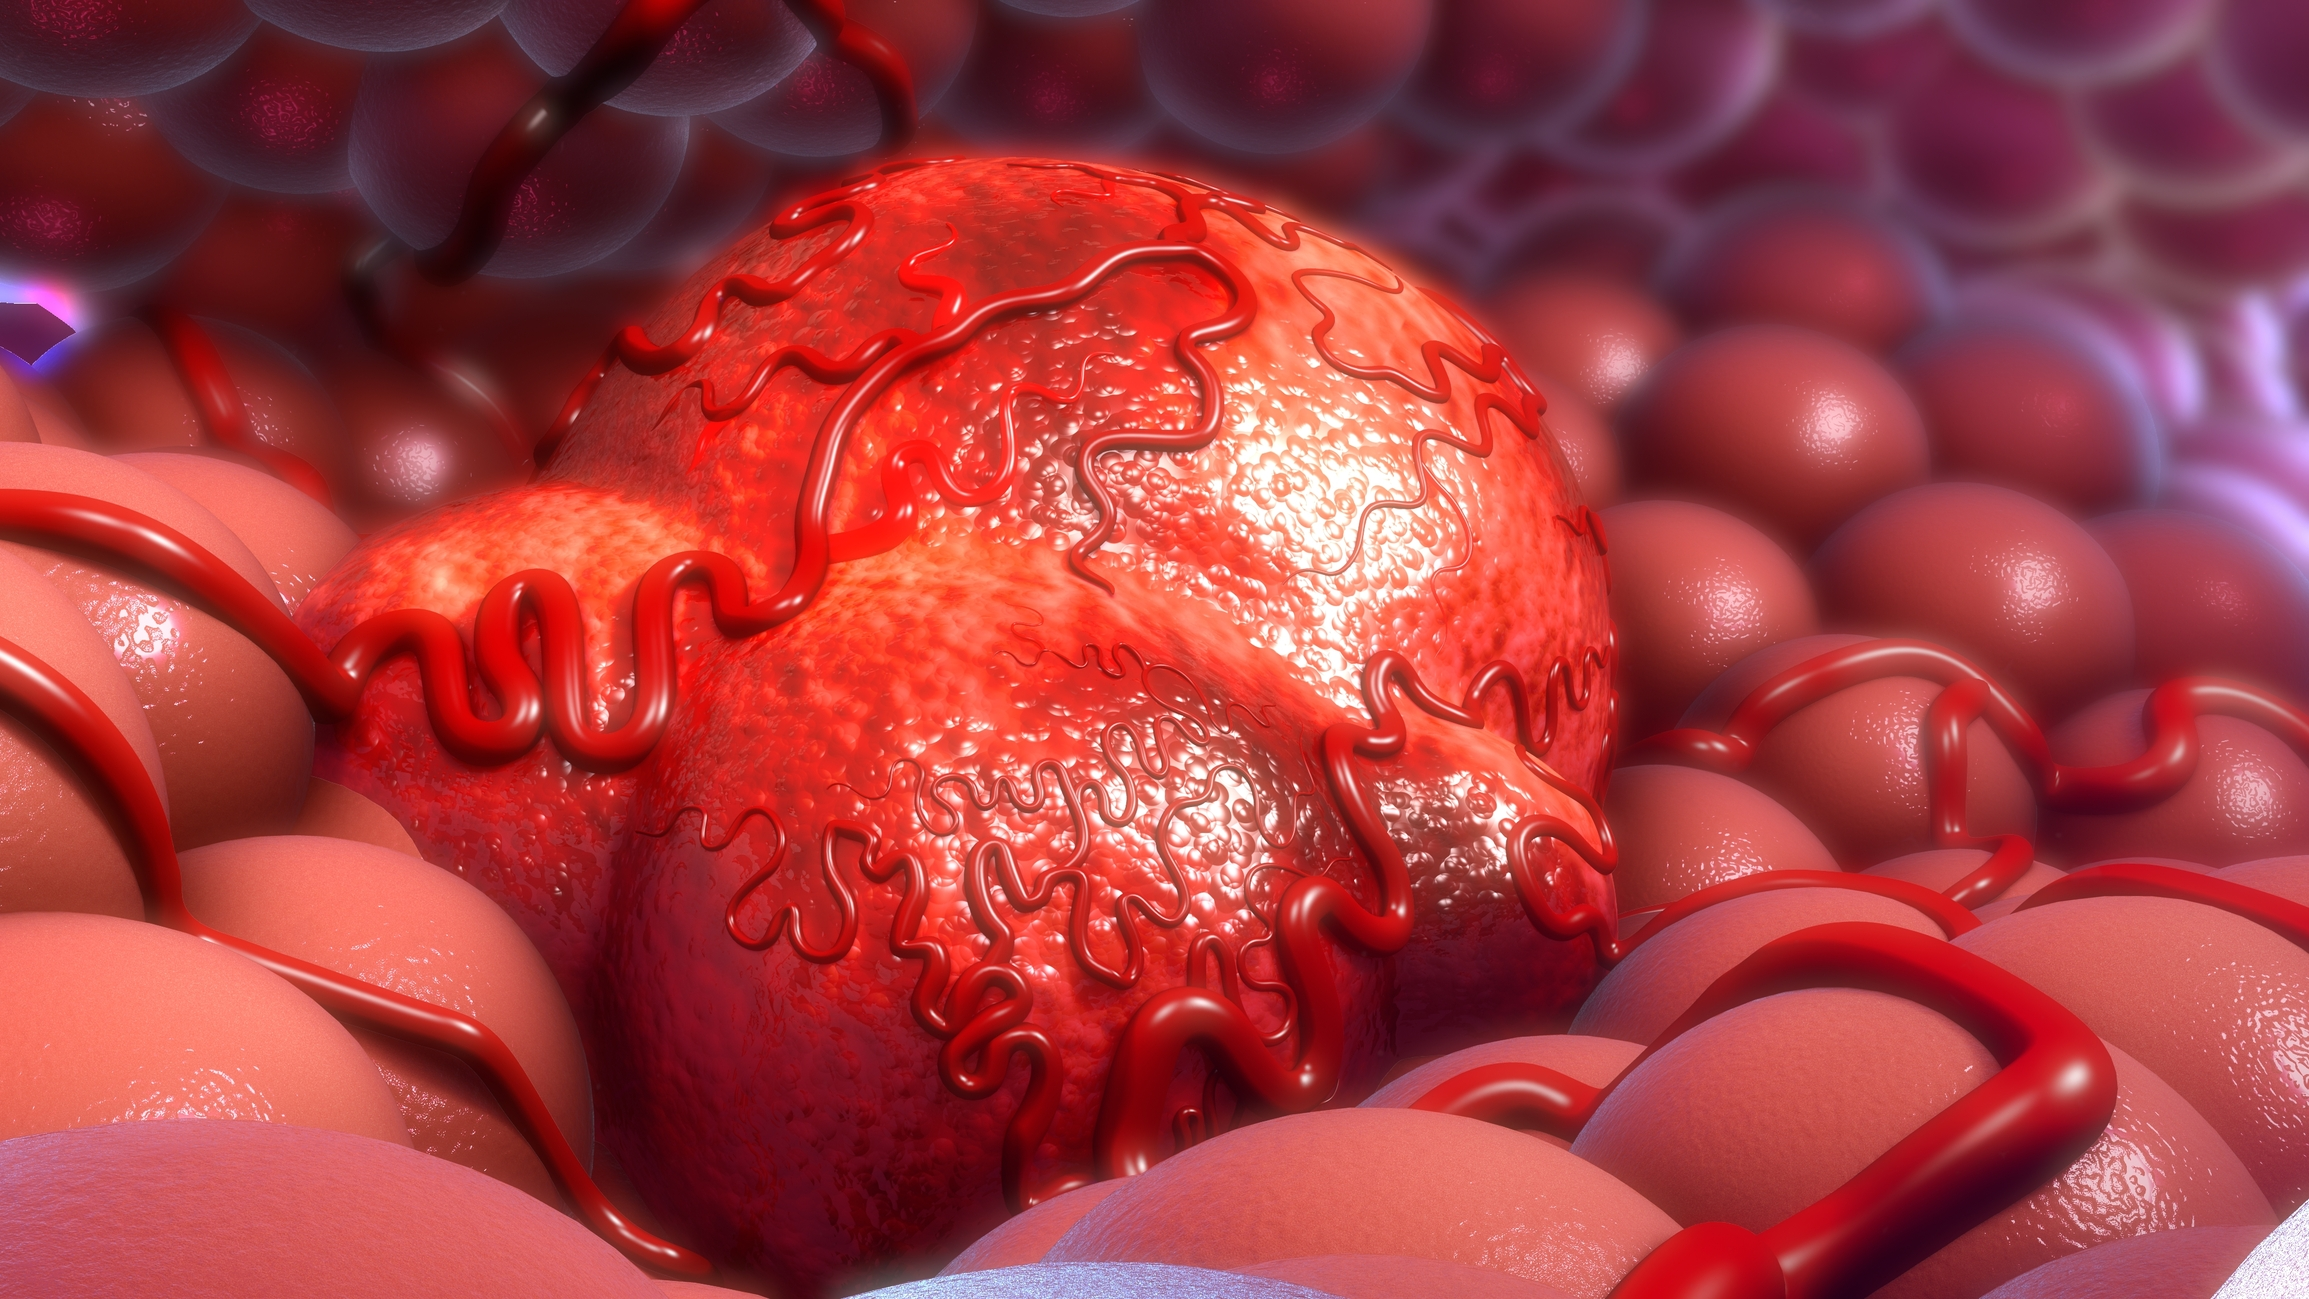 Krebs Tumor